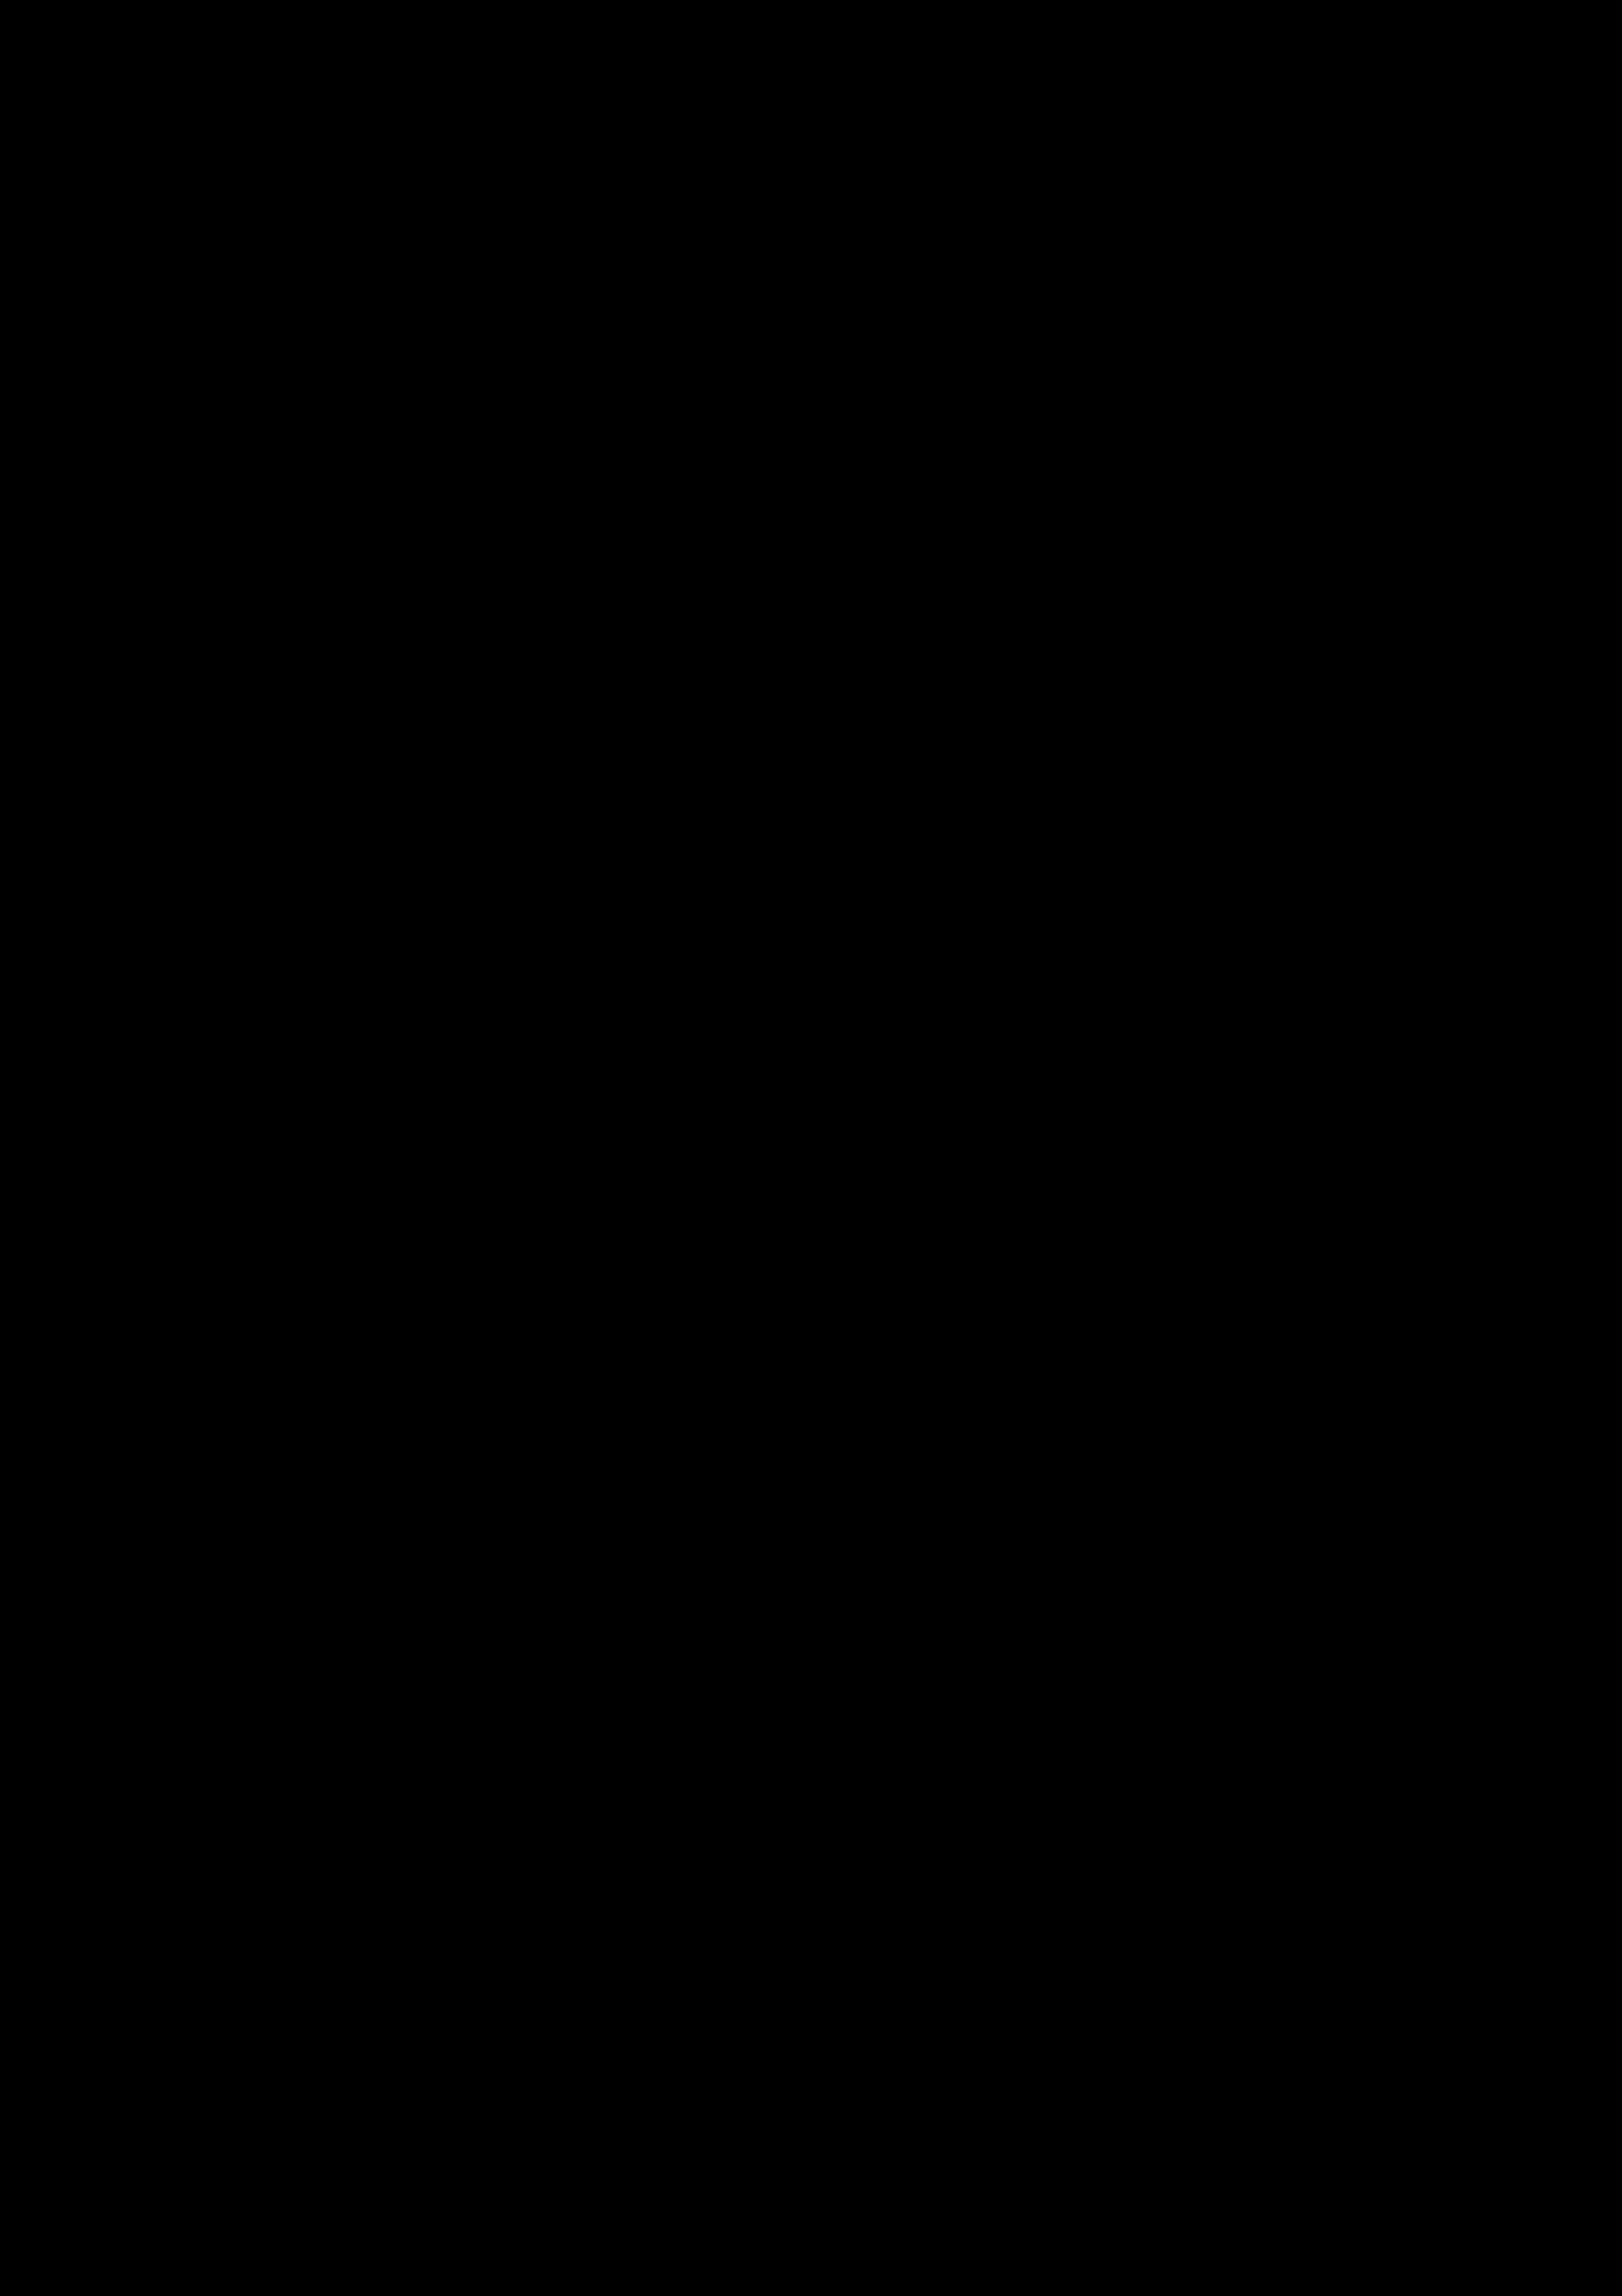 제6회 세일즈 경진대회 포스터.png